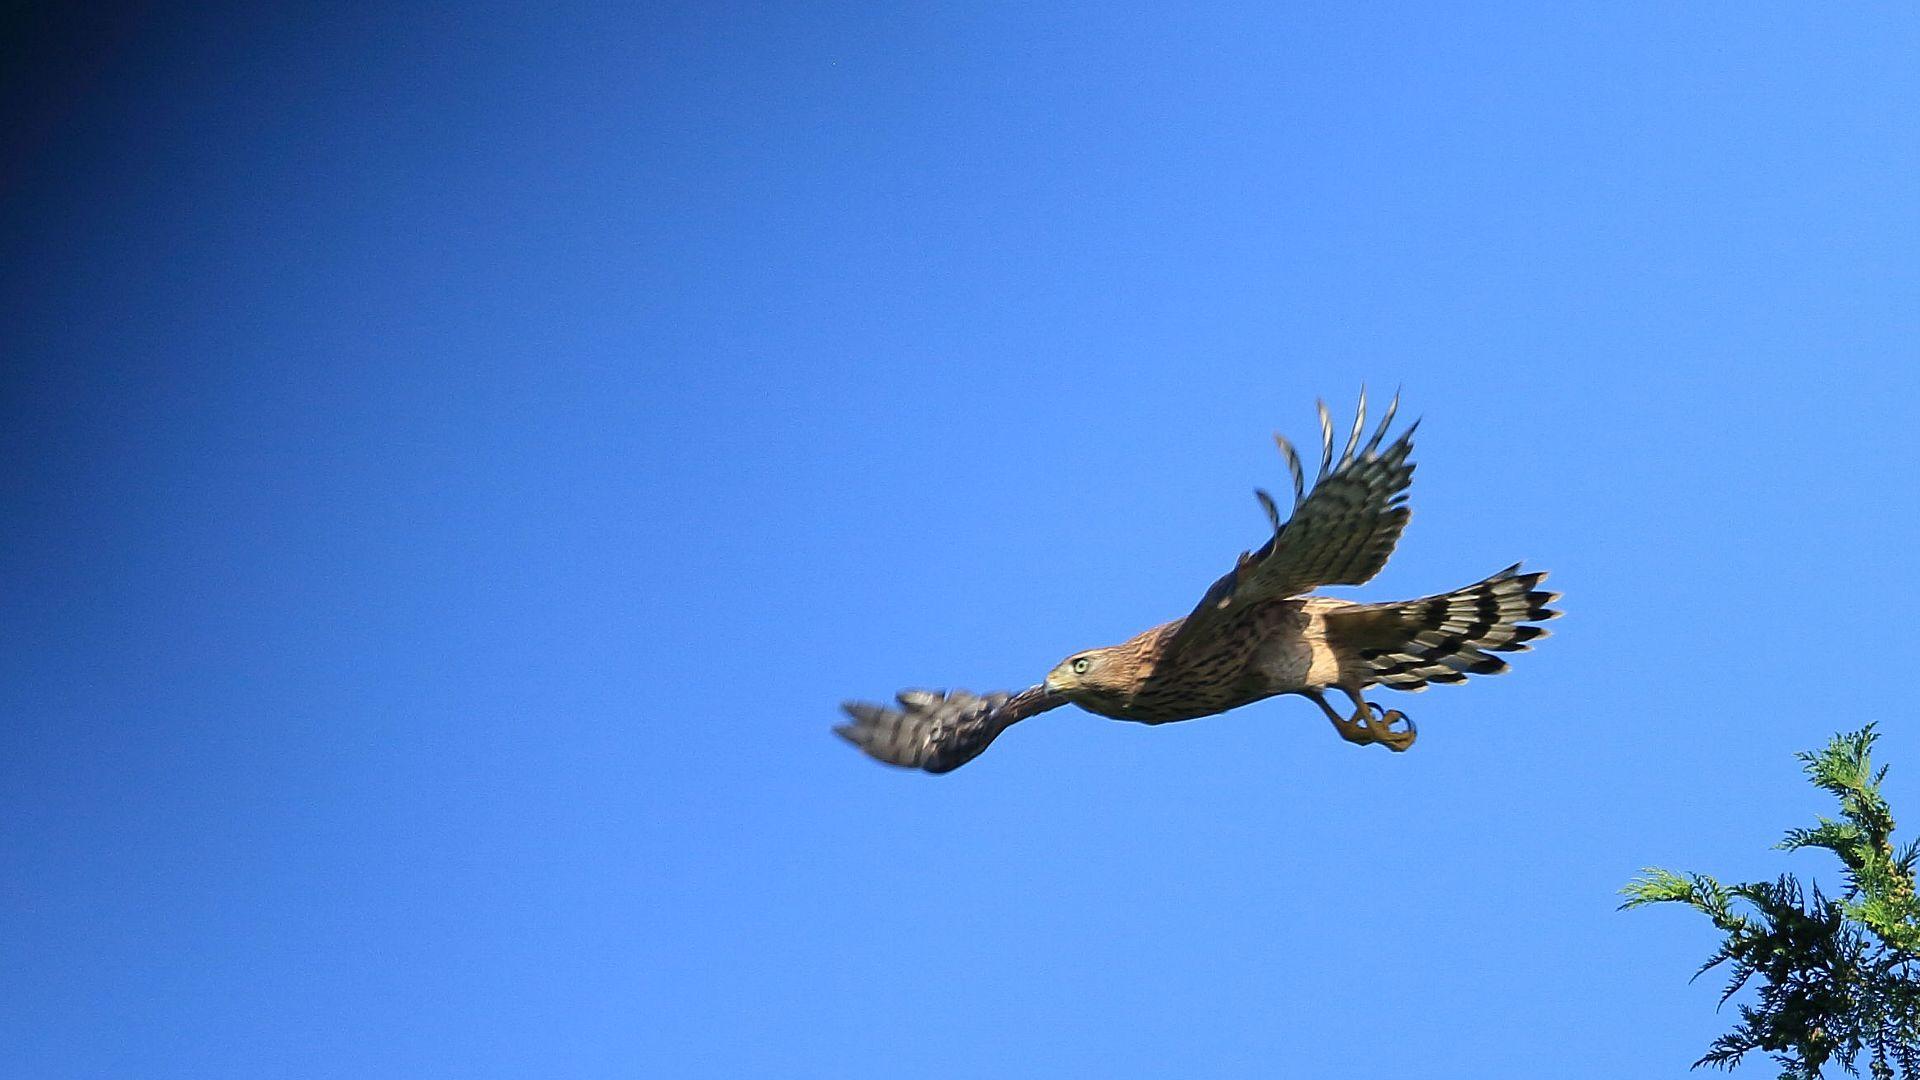 オオタカ幼鳥の飛び出し_f0105570_21352780.jpg